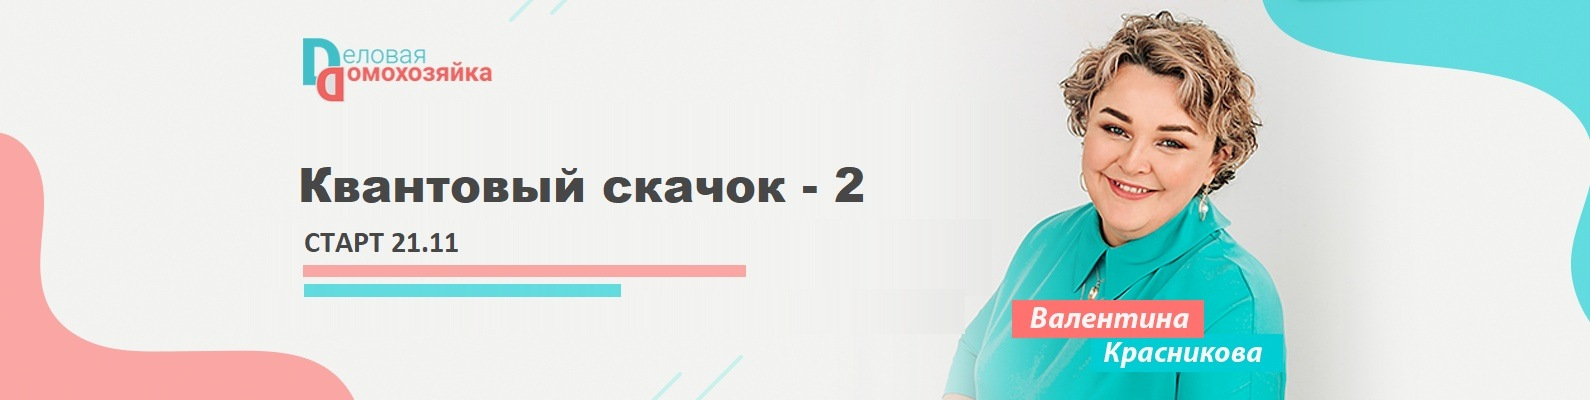 ZaOX-Gn2nMo.jpg